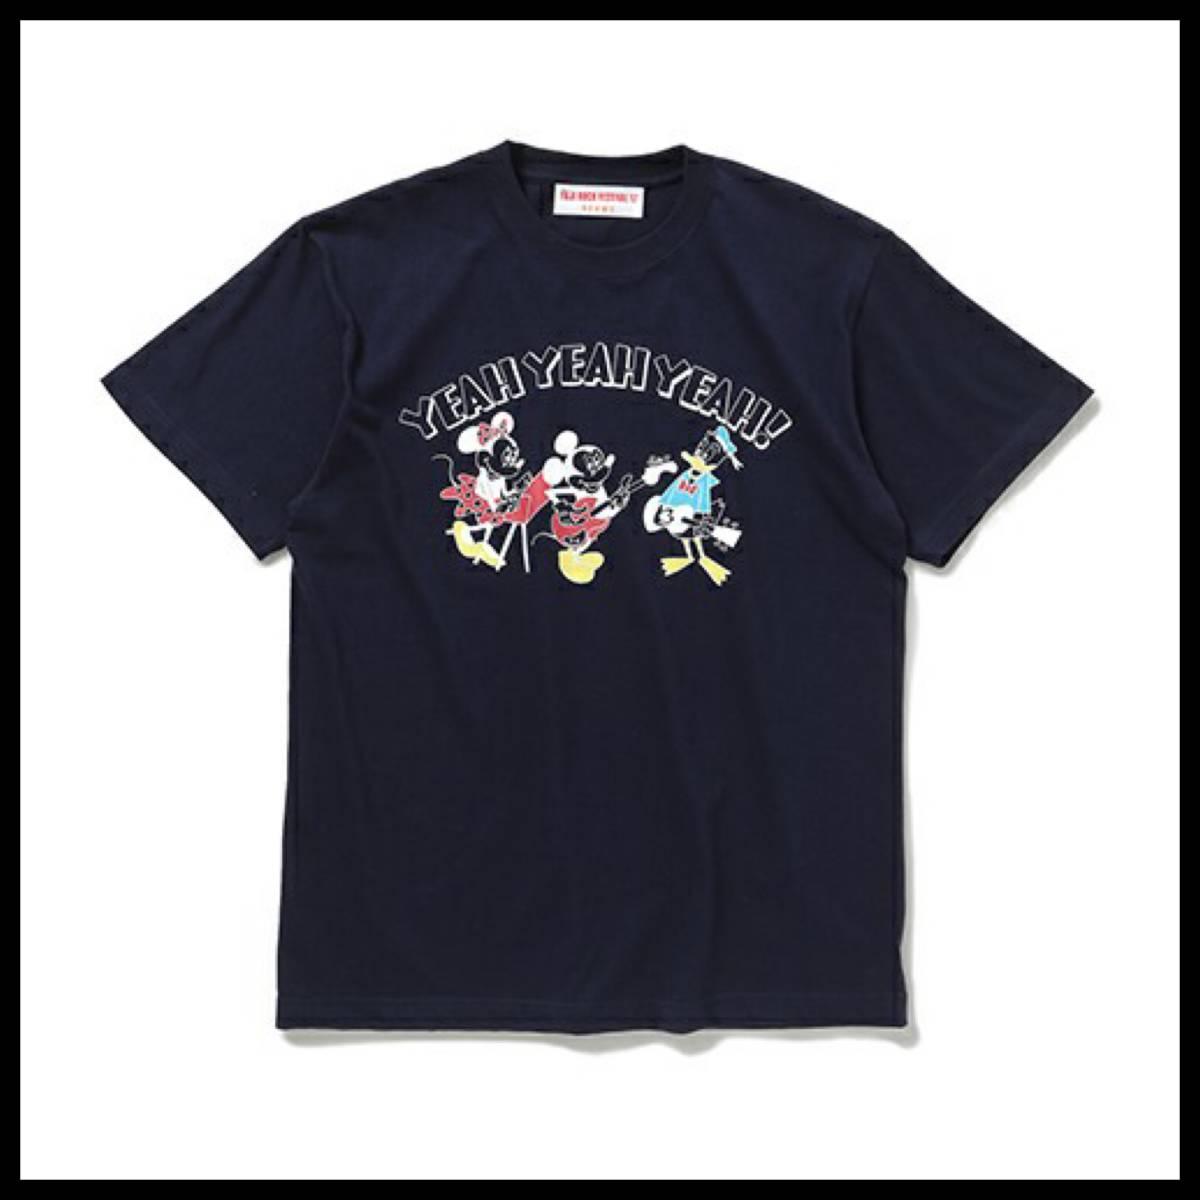 【送料無料】希少 FUJI ROCK FESTIVAL'17 × BEAMS / Yusuke Hanai ミッキーマウス YEAH YEAH YEAH! TShirt Mサイズ ネイビー 花井祐介